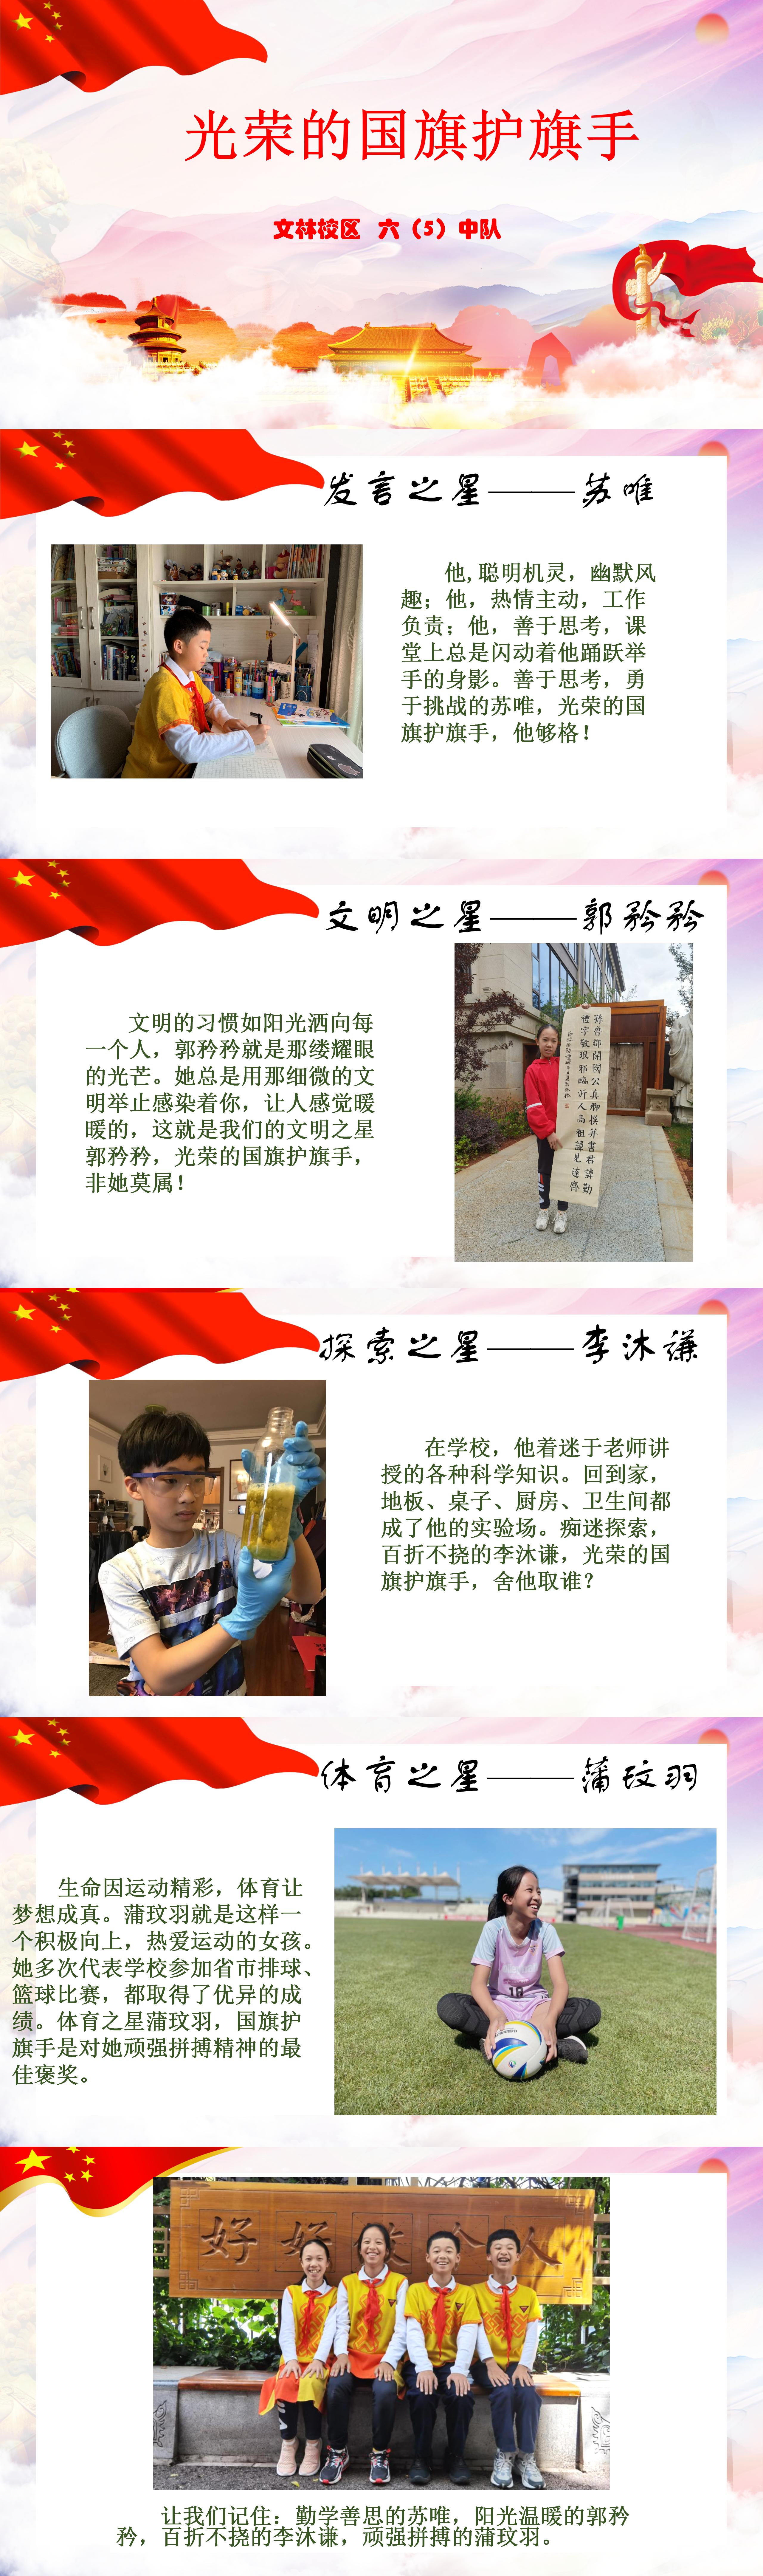 六(5)班国旗护旗手(校园网)_01.png